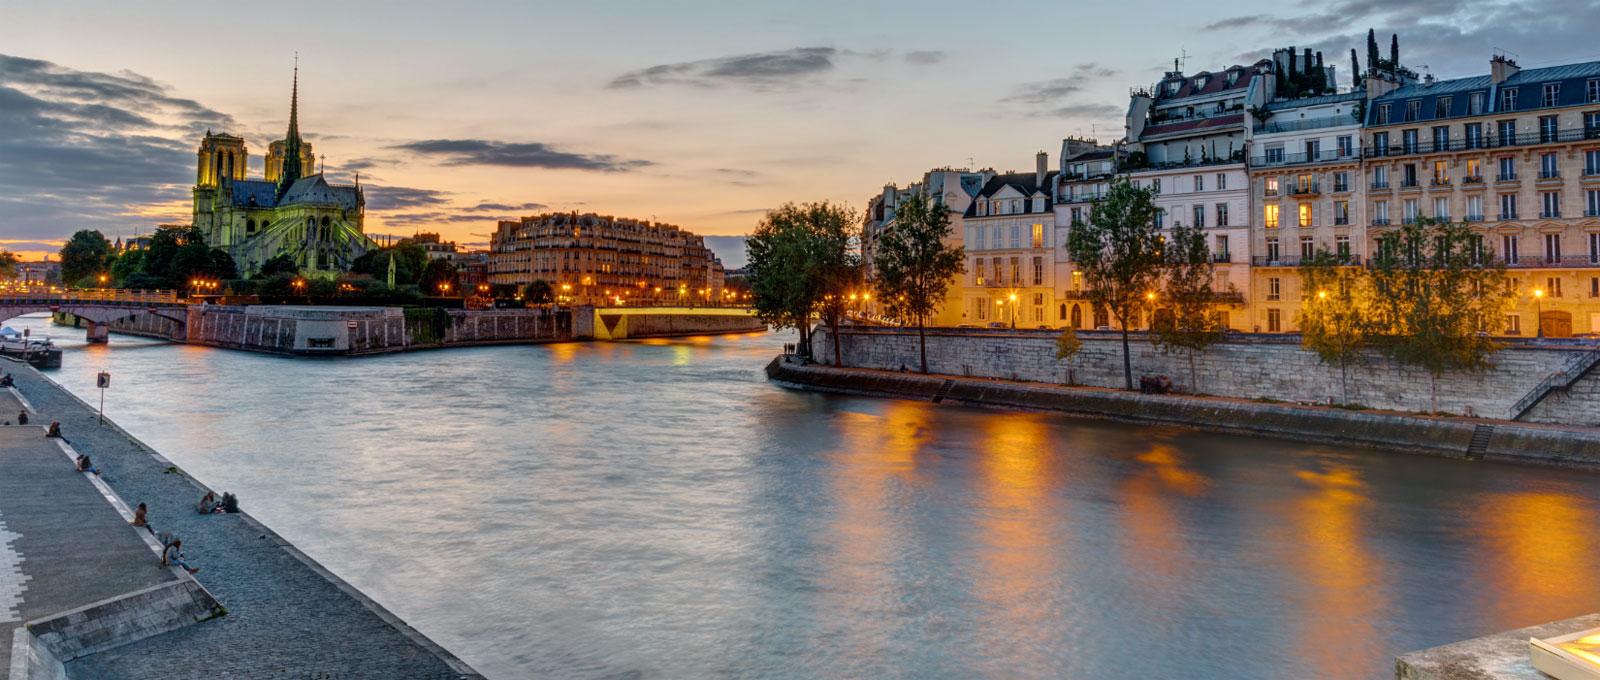 ITSMI education in paris